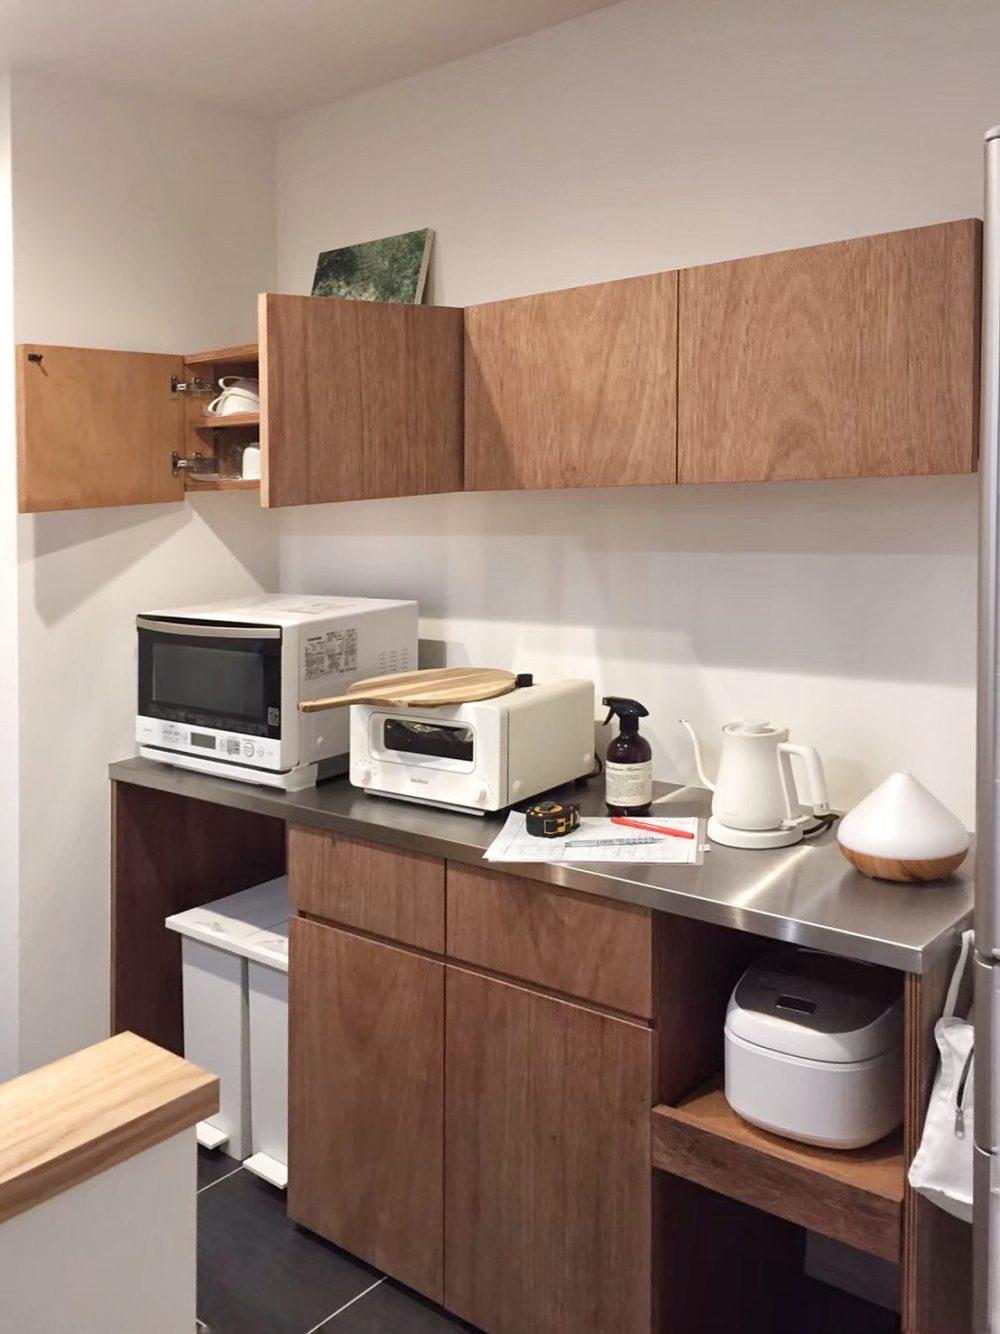 オーダー家具・カップボード食器棚/関西・大阪府枚方市